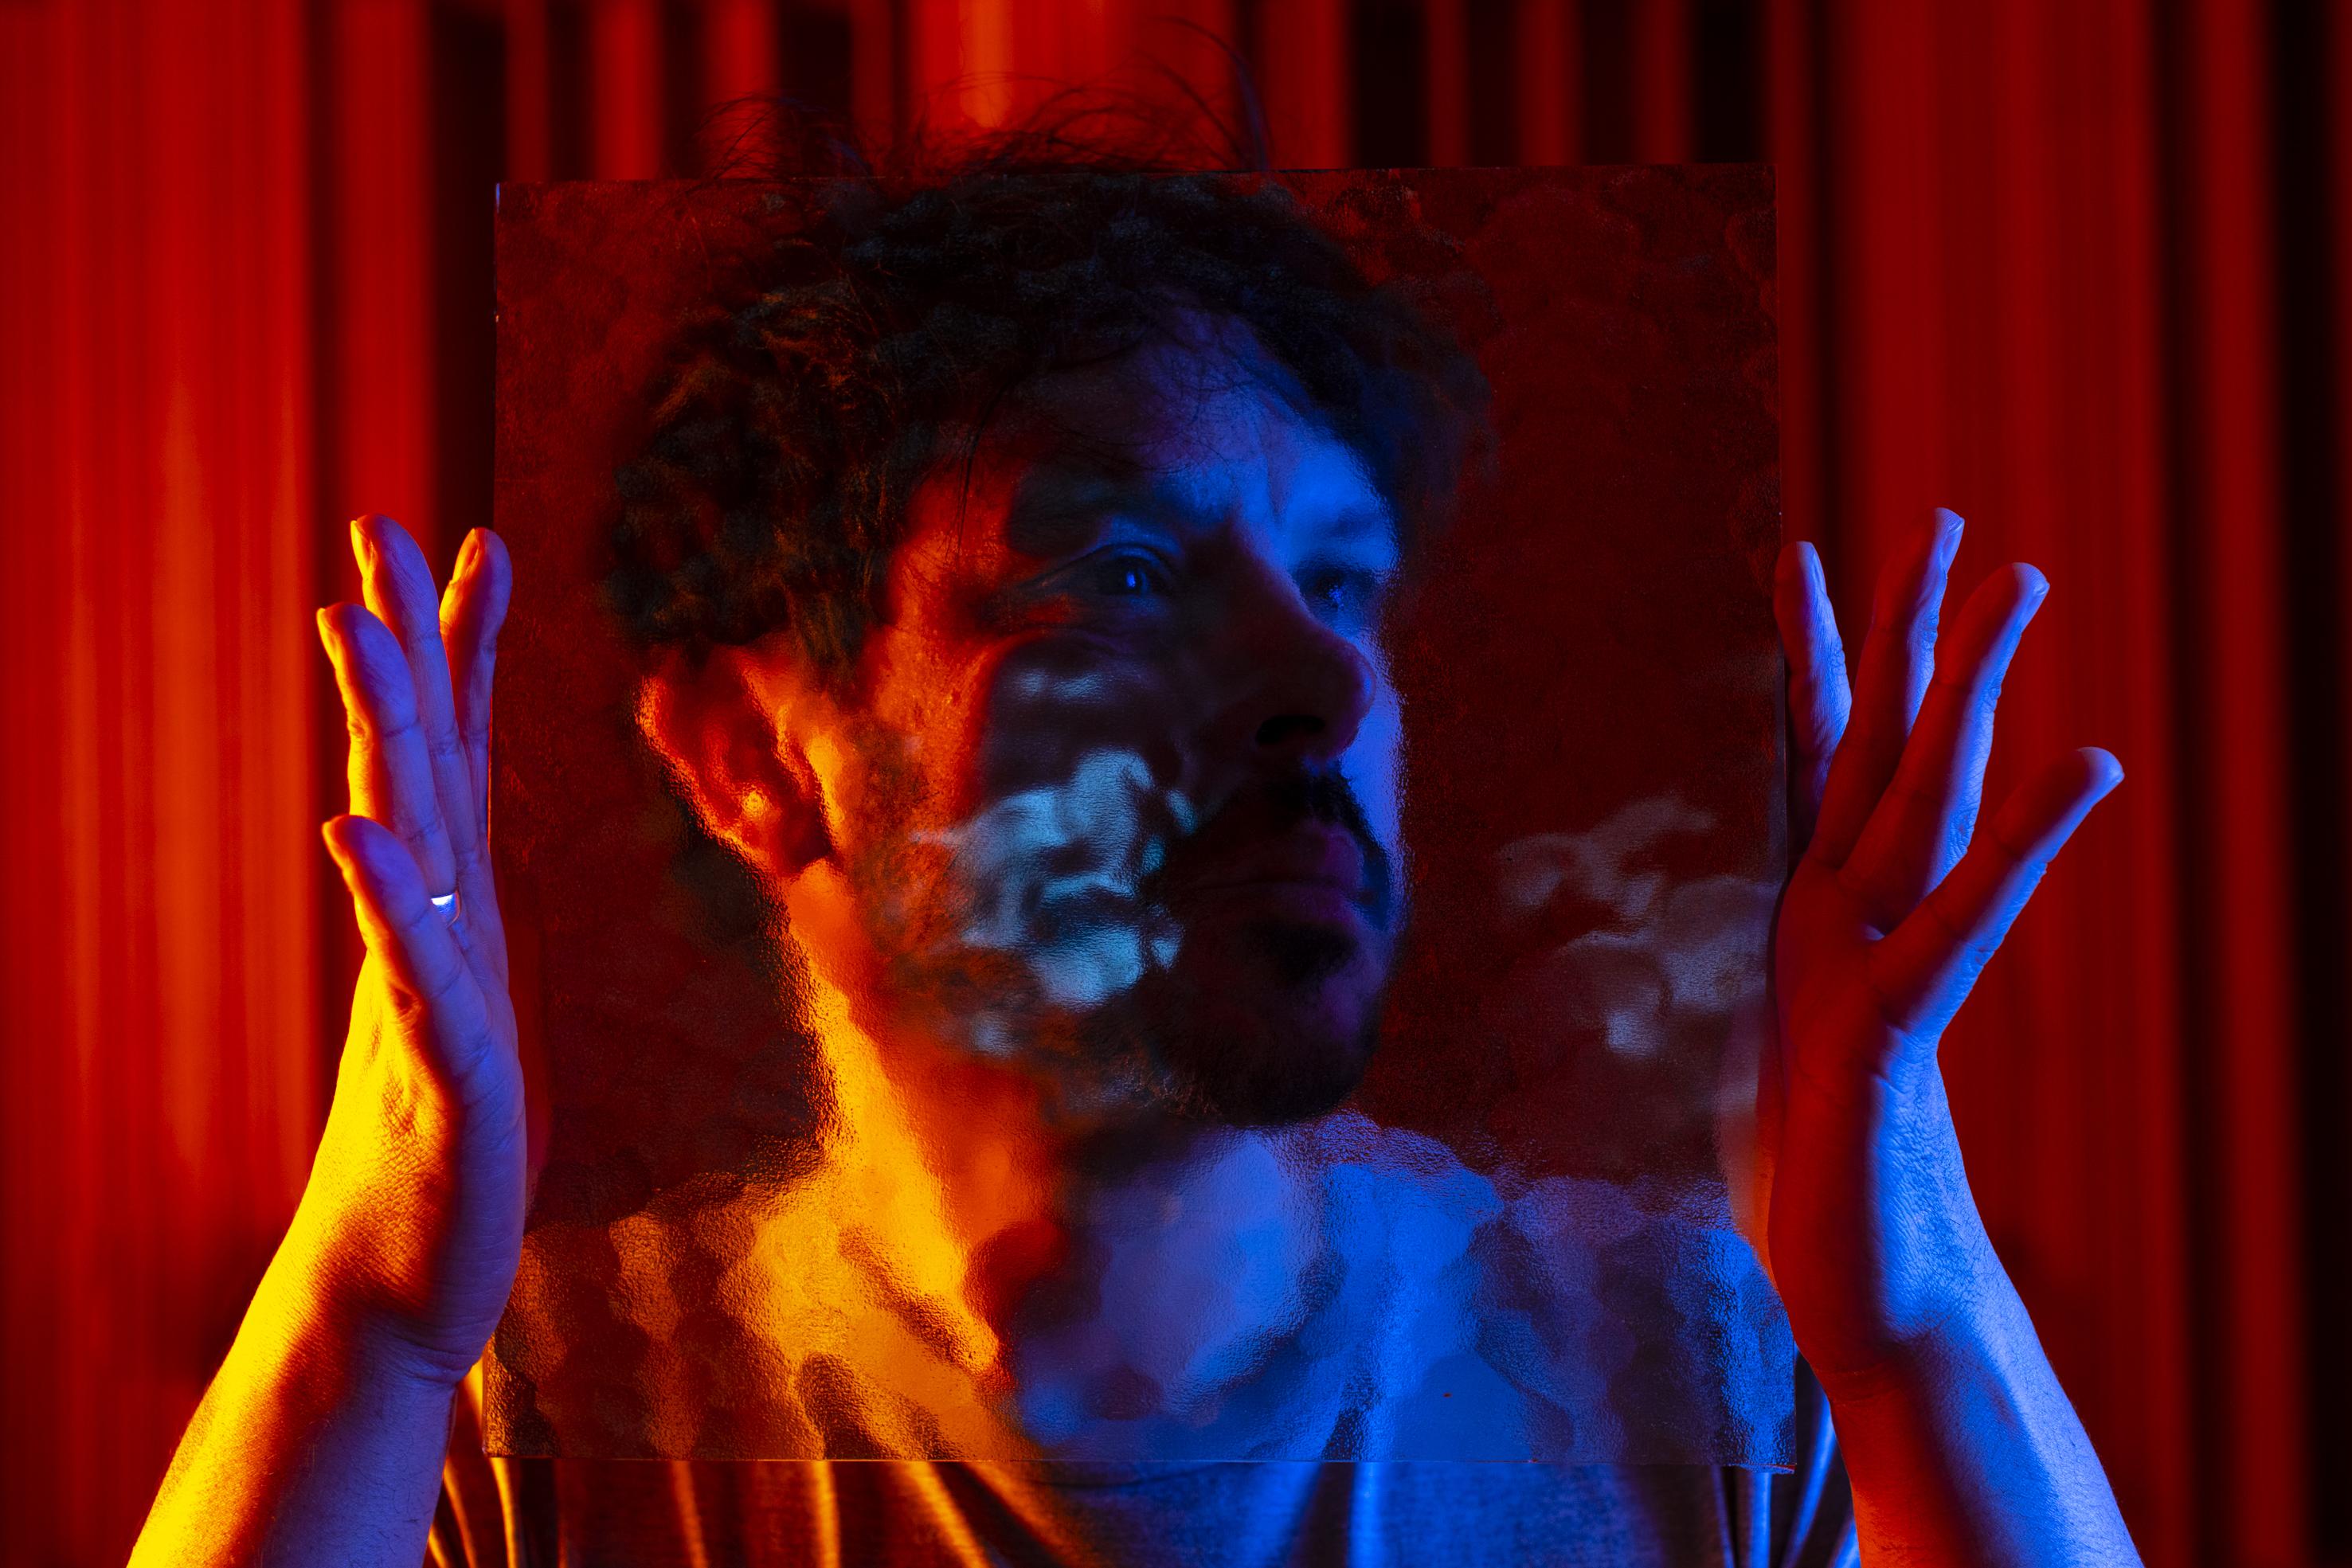 Nuevo álbum de Lisandro Aristimuño, referencia del rock-indie argentino